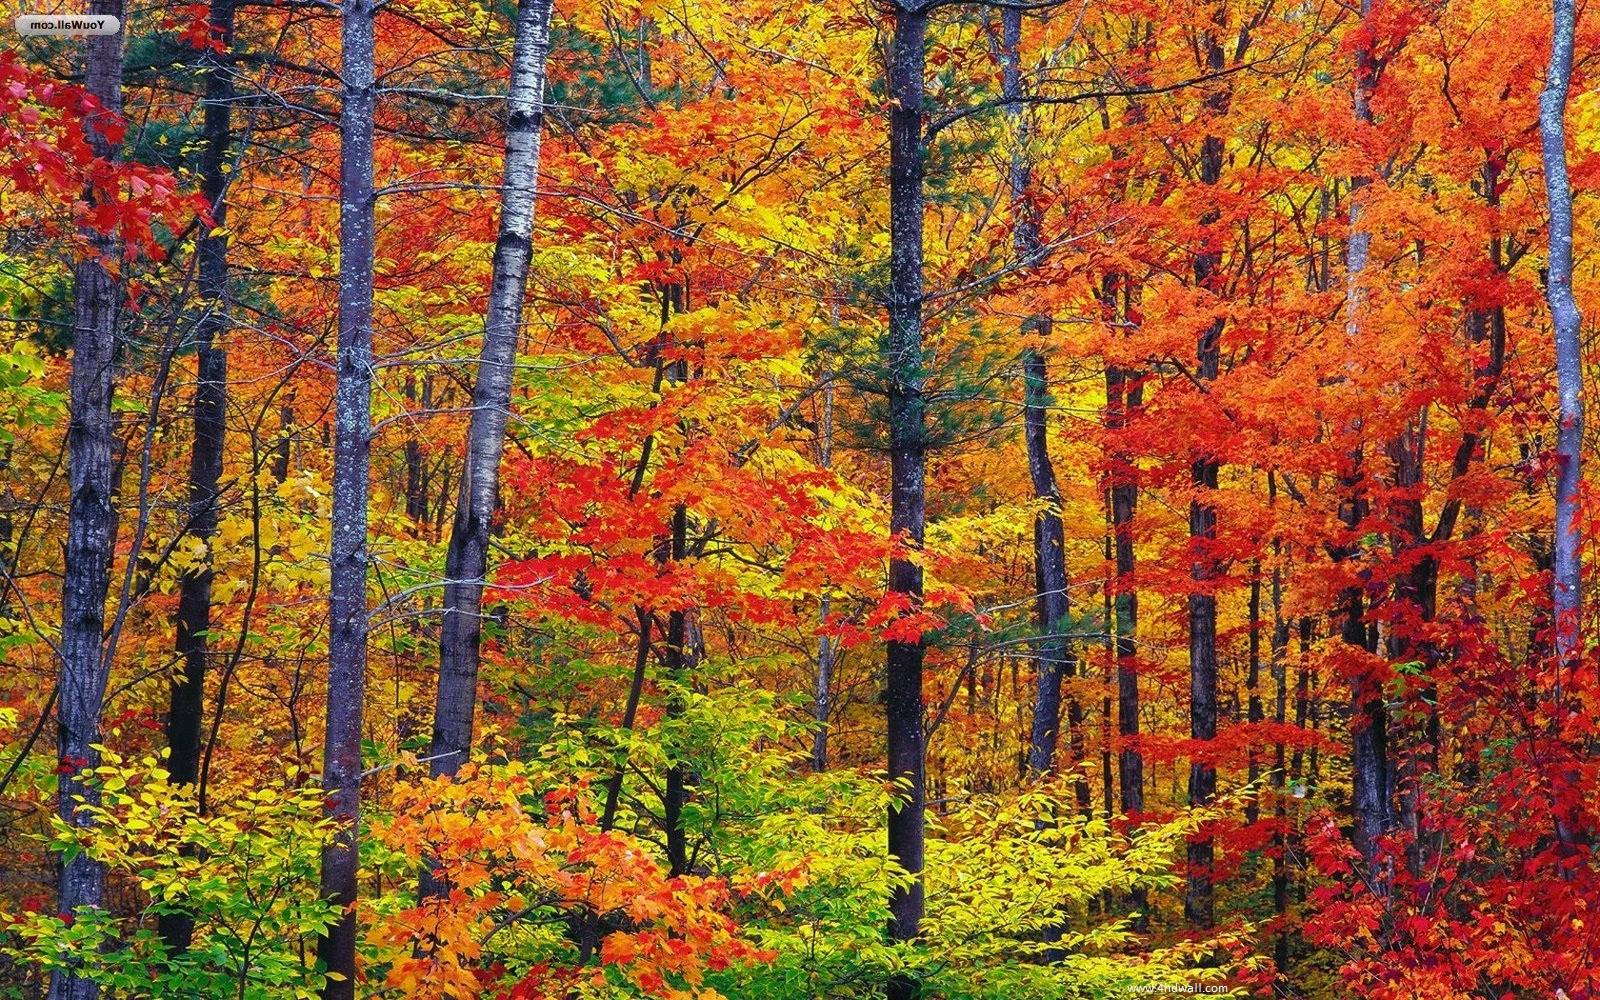 Fall Season Wallpaper for Desktop - WallpaperSafari